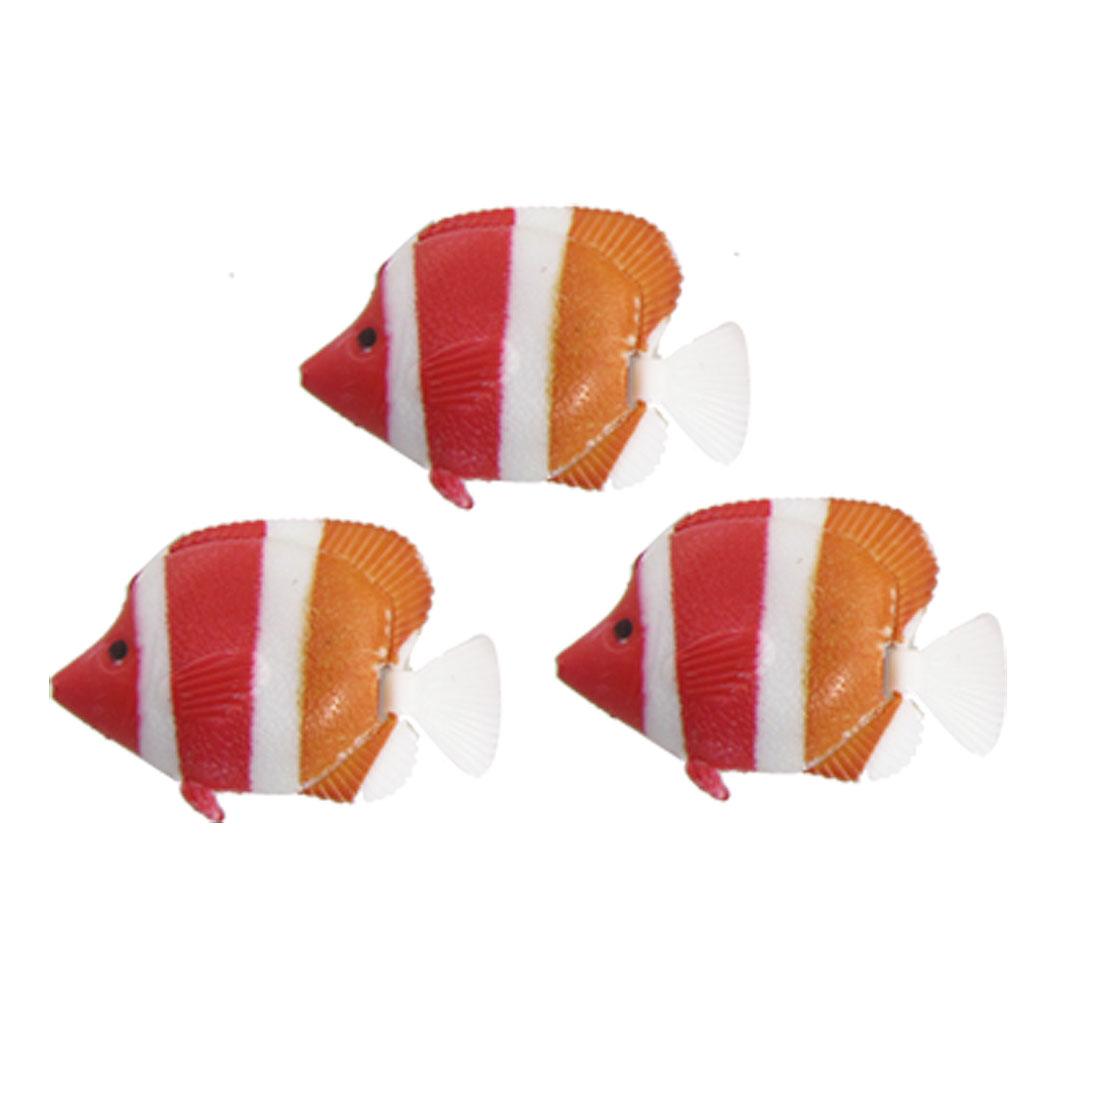 Orange Red Stripe Plastic Floating Fish Decor for Tank Aquarium